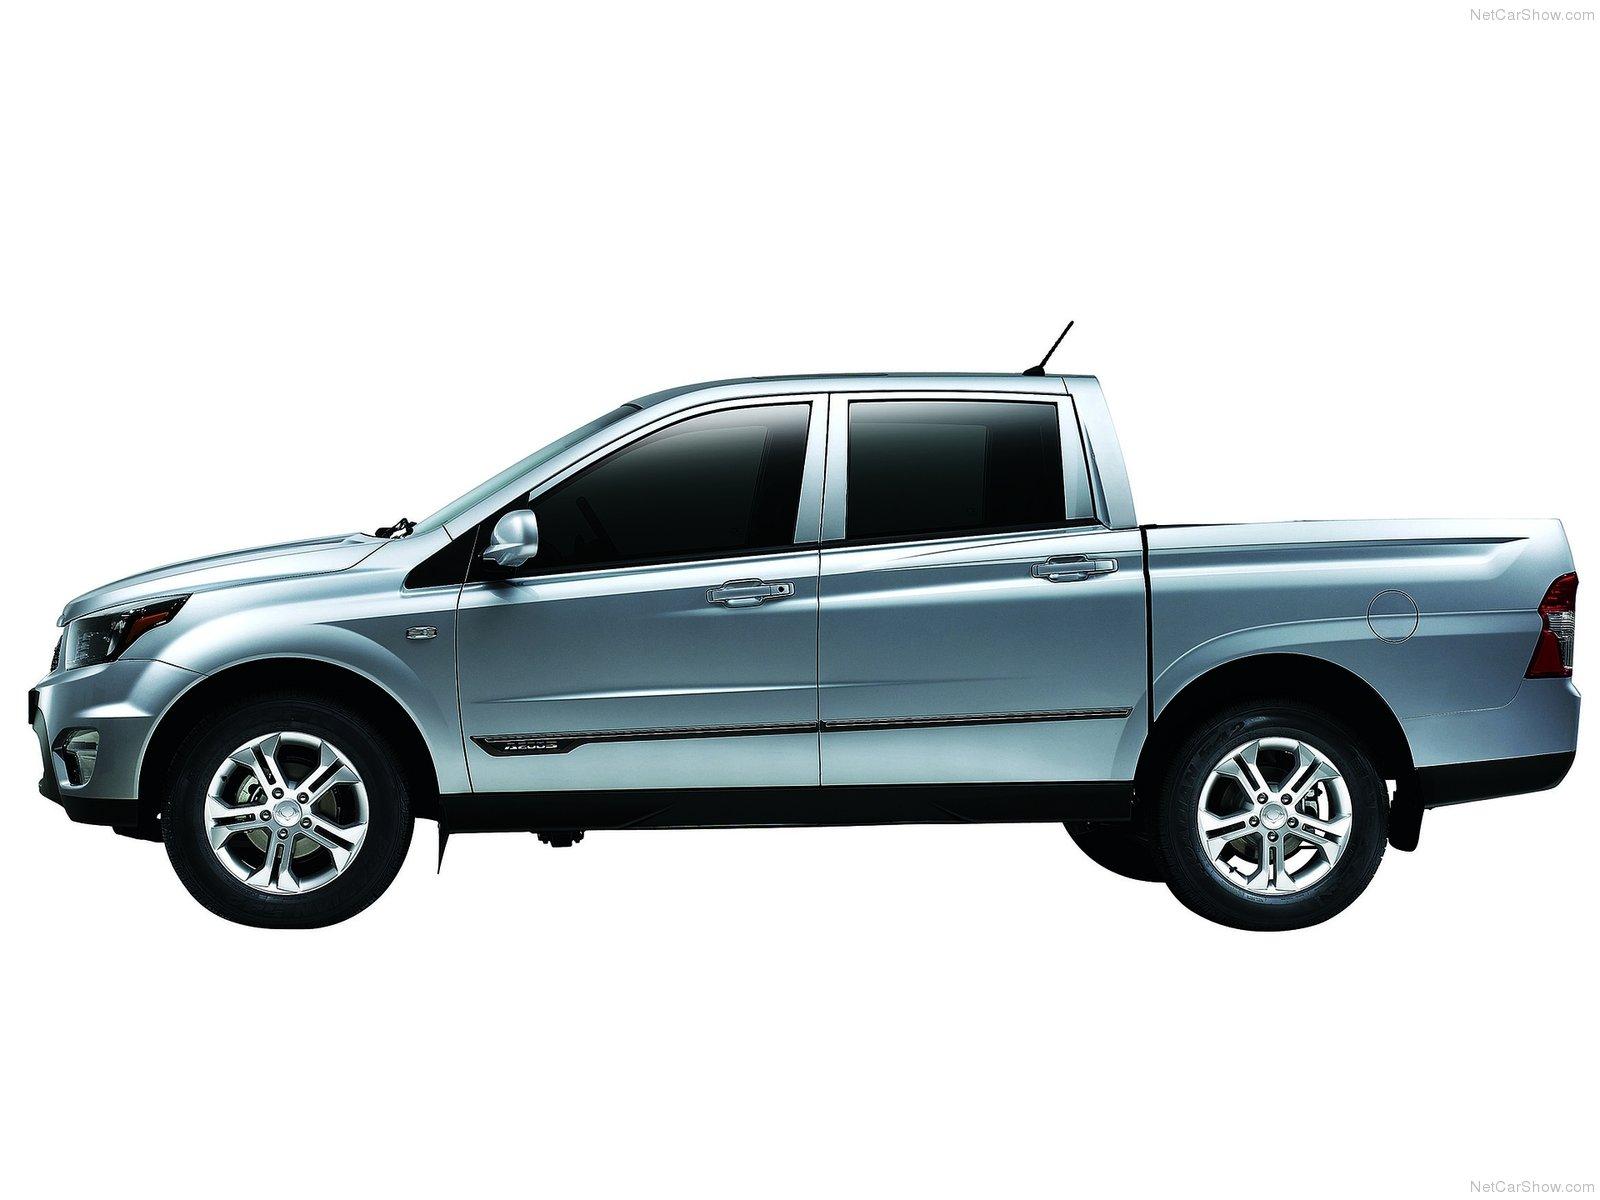 Hình ảnh xe ô tô SsangYong Actyon Sports 2013 & nội ngoại thất